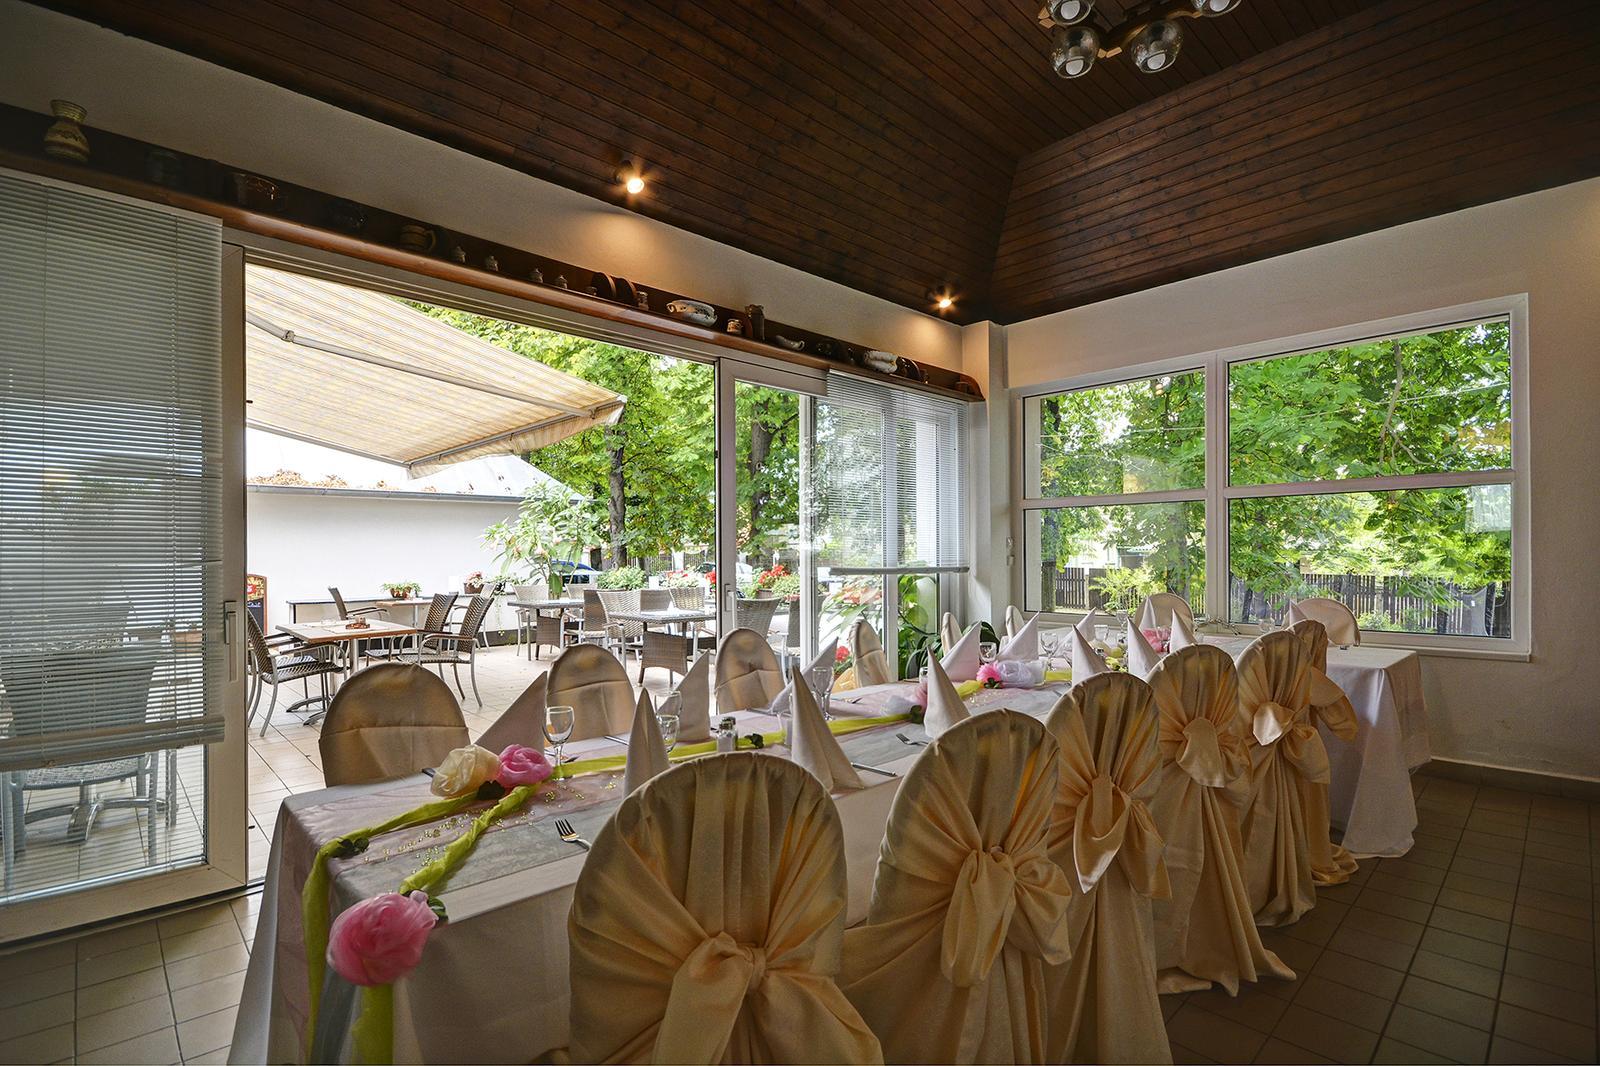 Svatby 2016 - Salonek s letní terasou